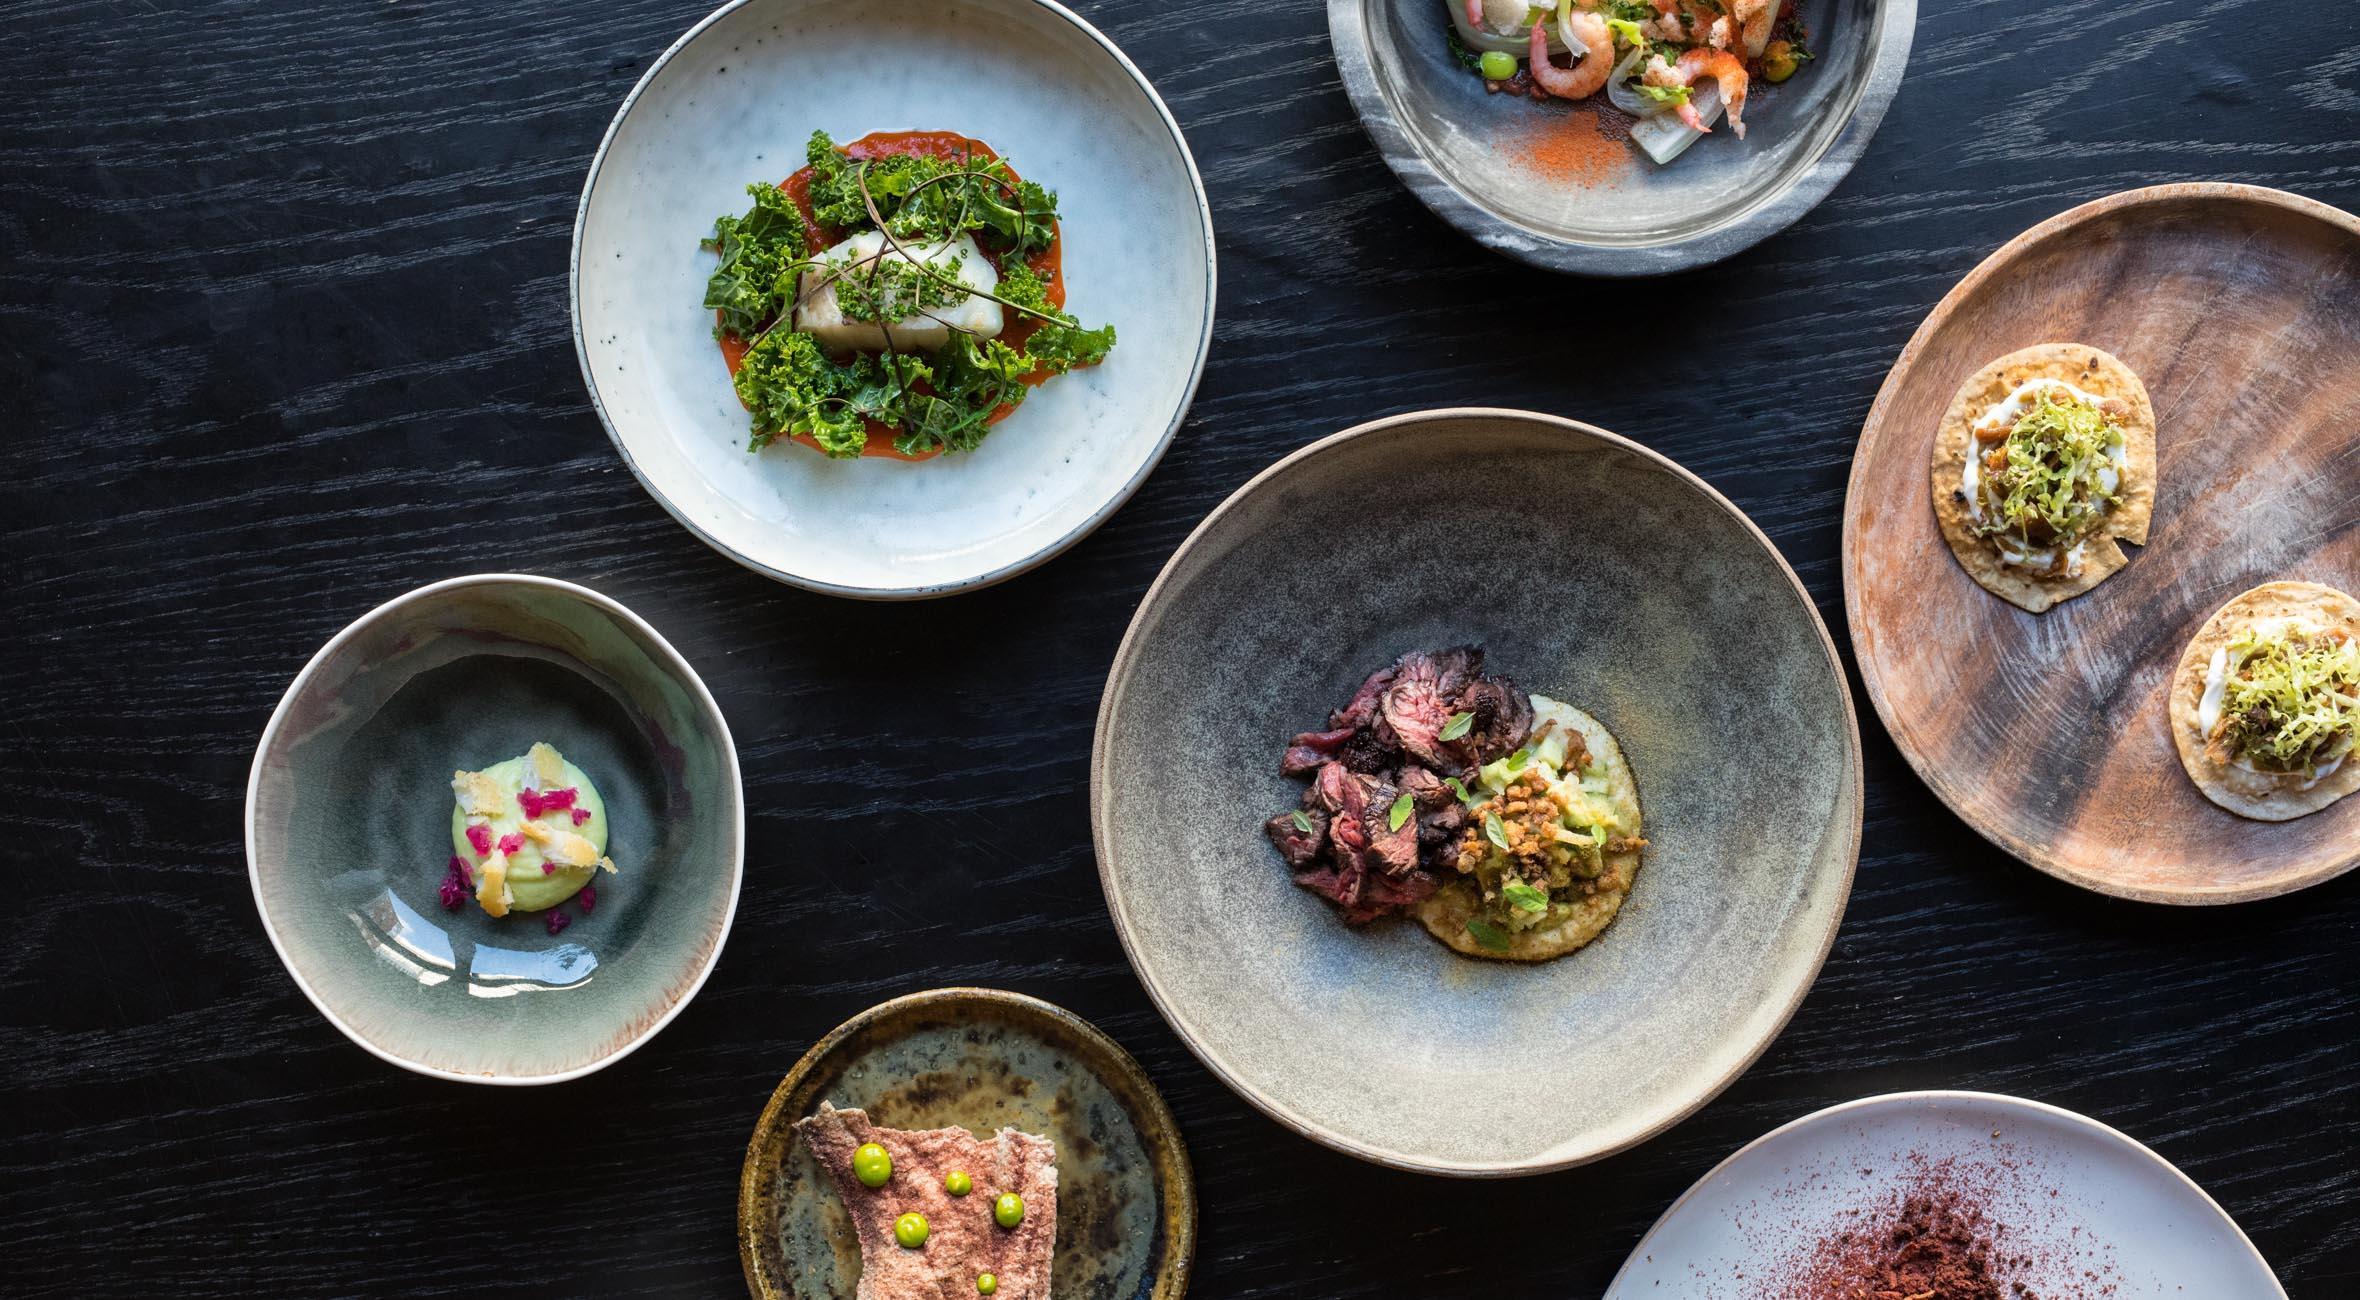 7 serveringer hos Naert – Nynordisk gourmet-restaurant har tidligere Michelin-kokke i køkkenet